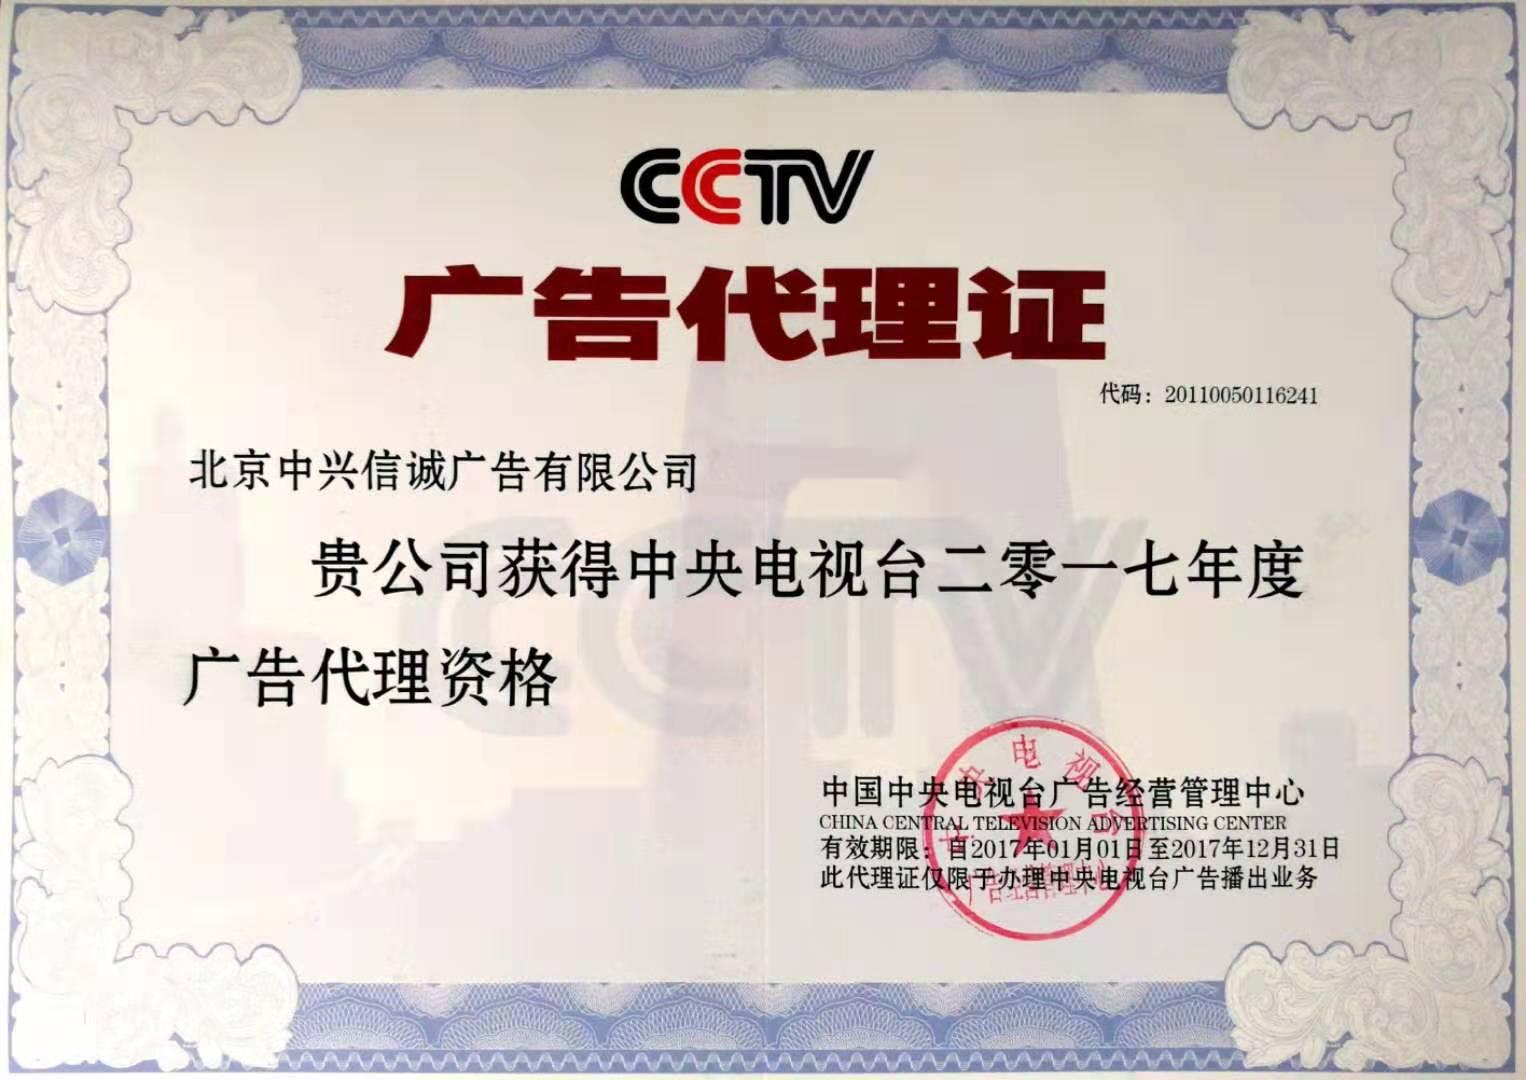 2017年央视代理证